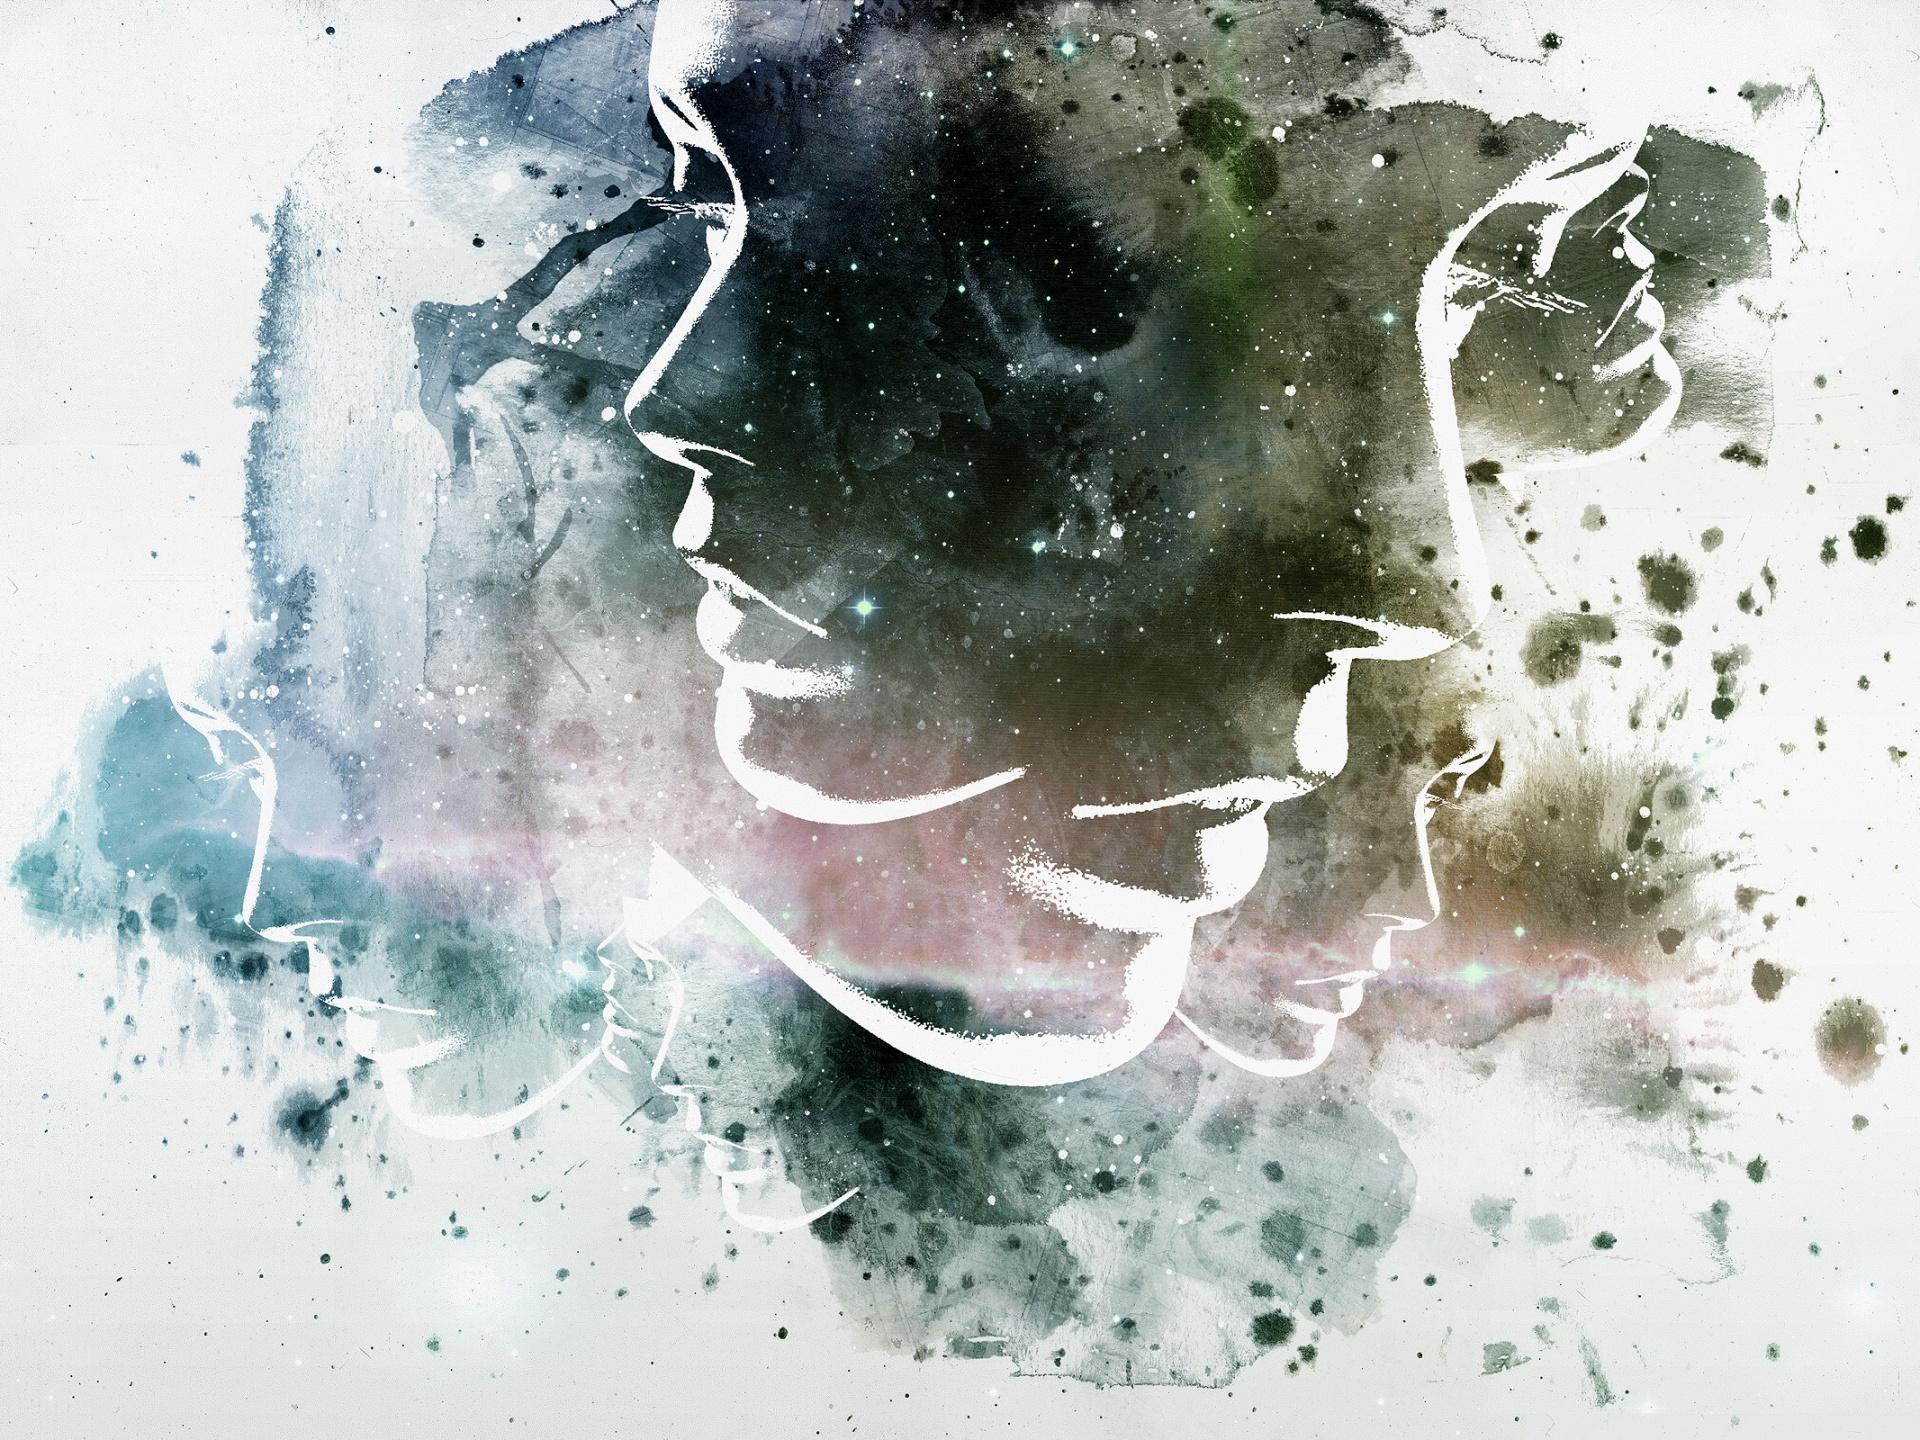 1920x1440 > Grunge Art Wallpapers